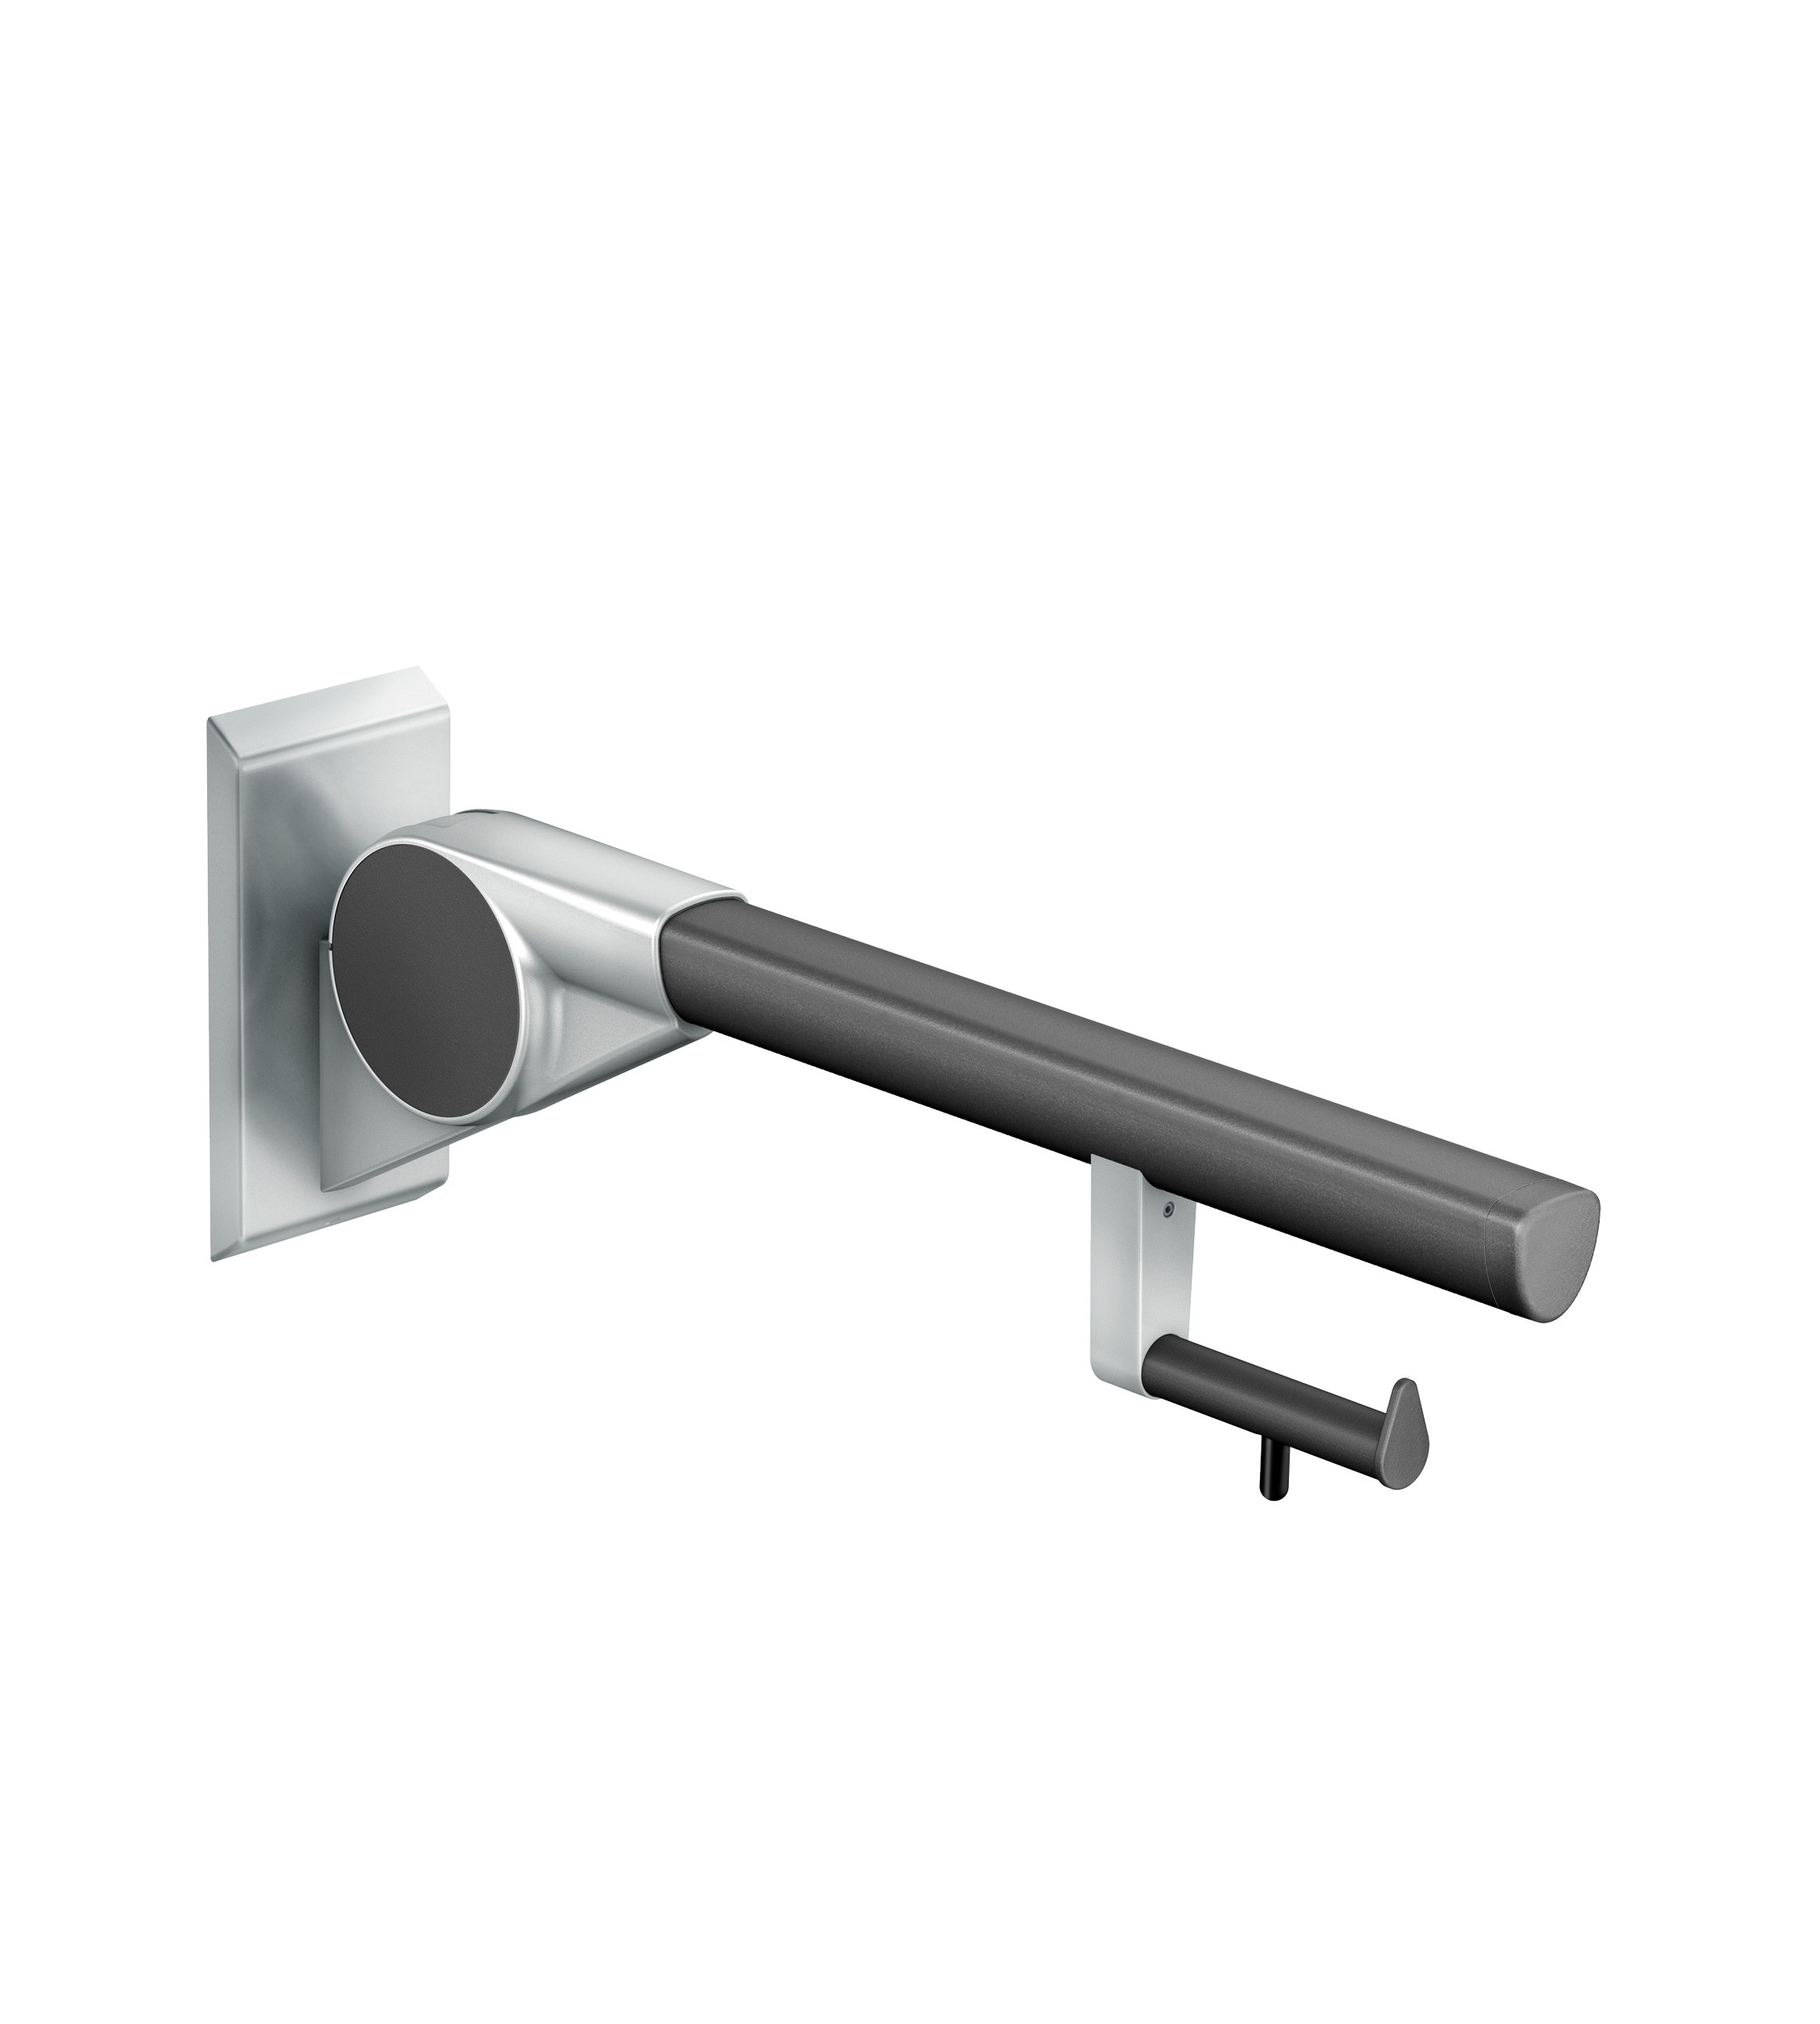 FSB Stützklappgriff 850 mm mit PRH A100 Anemonenweiß (0 82 8420 01085 8220)